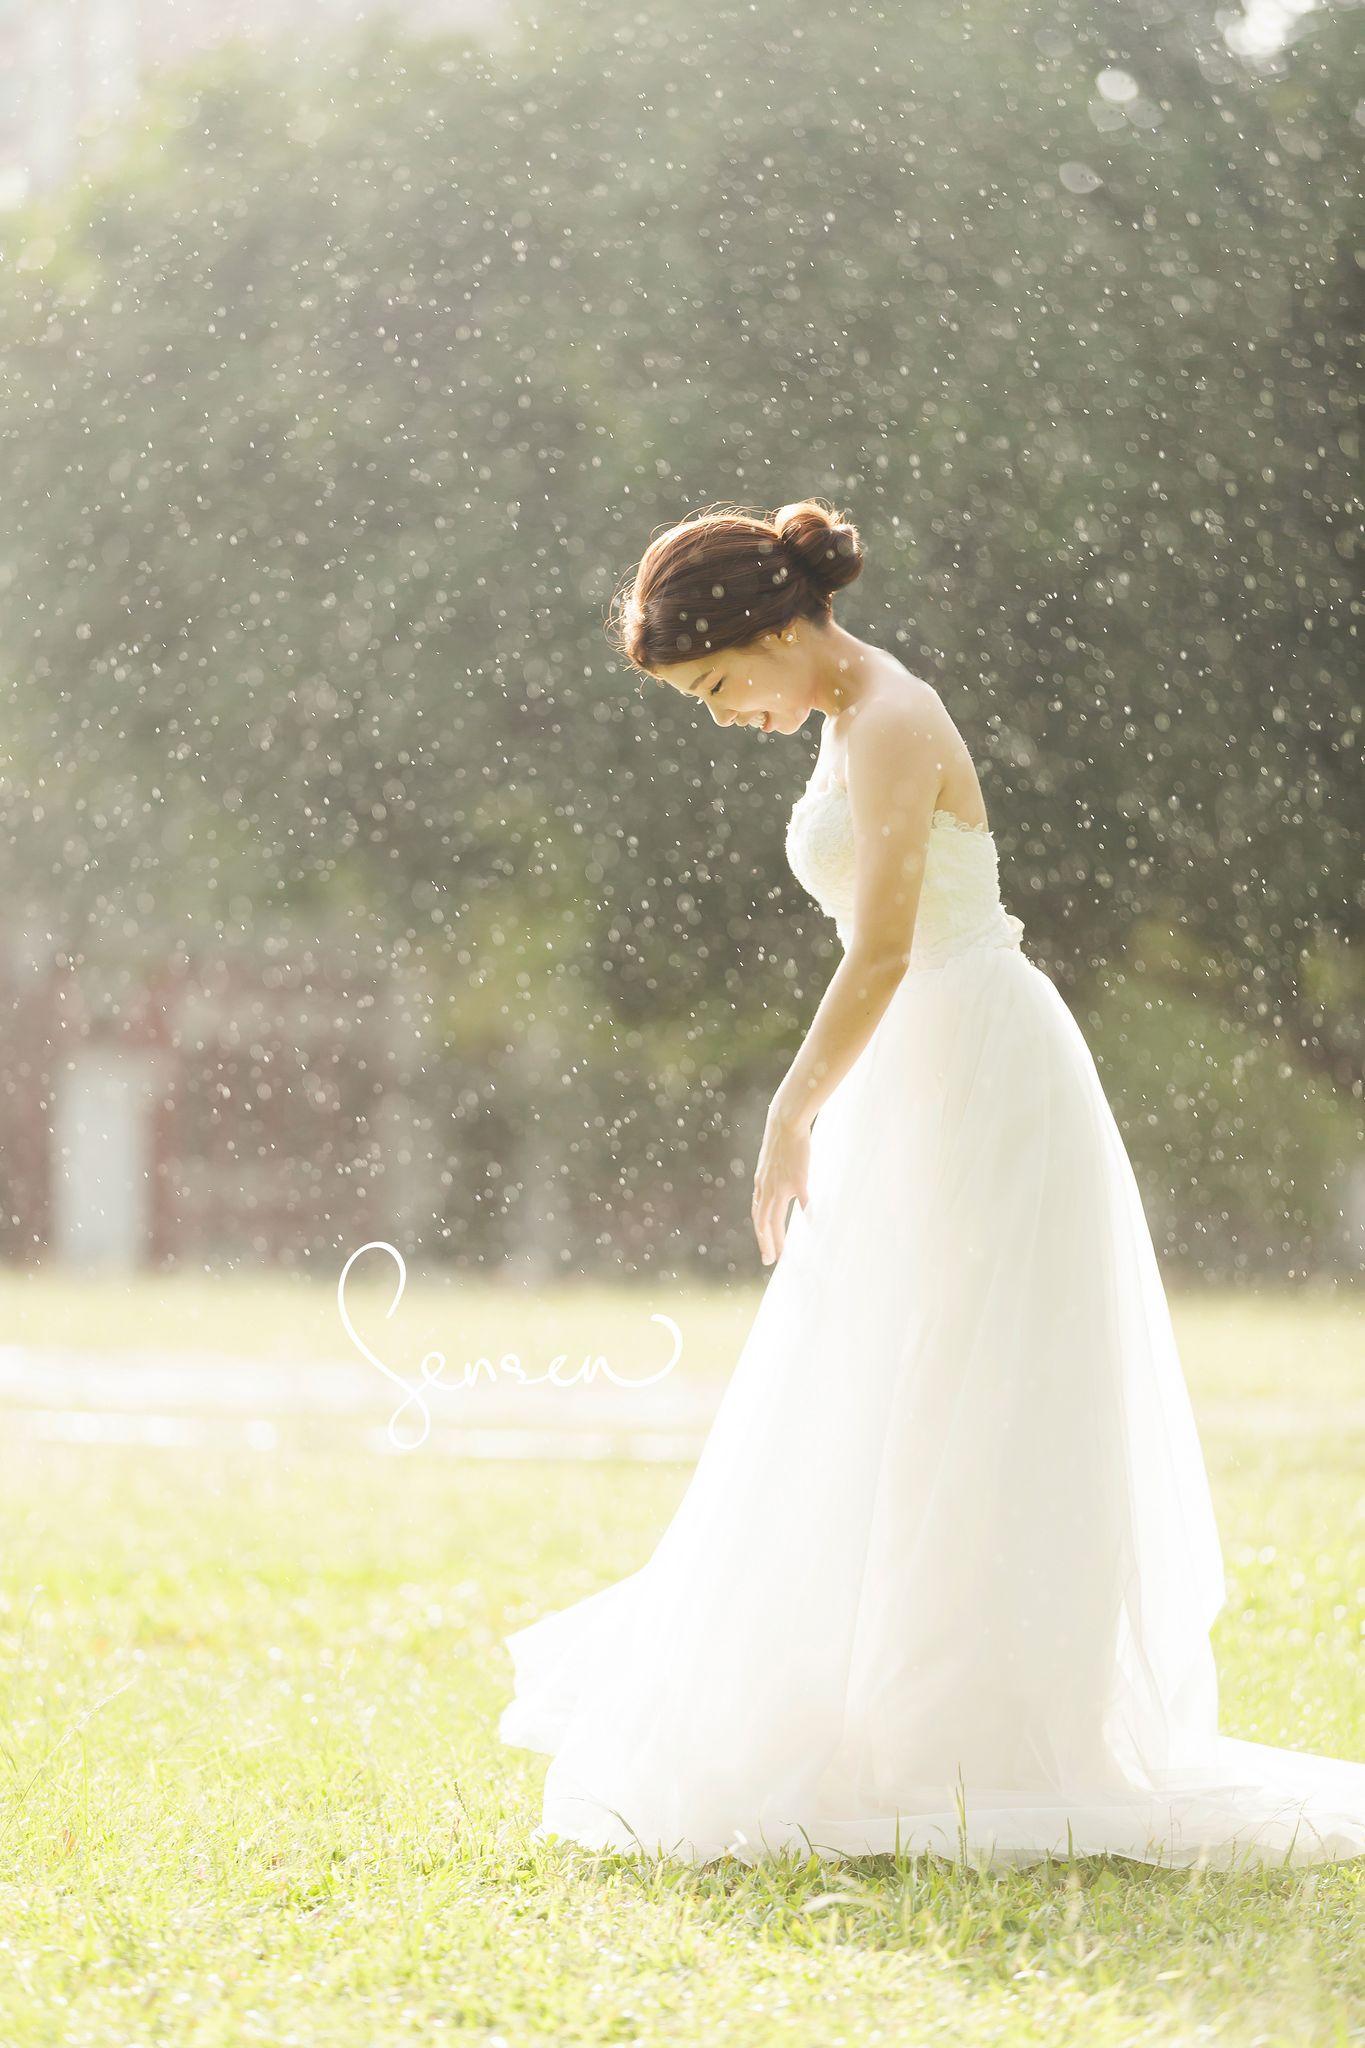 高雄婚紗工作室,自然風格婚紗,生活感婚紗,高雄婚紗包套,台南婚紗包套,小清新婚紗,逆光婚紗,婚紗攝影